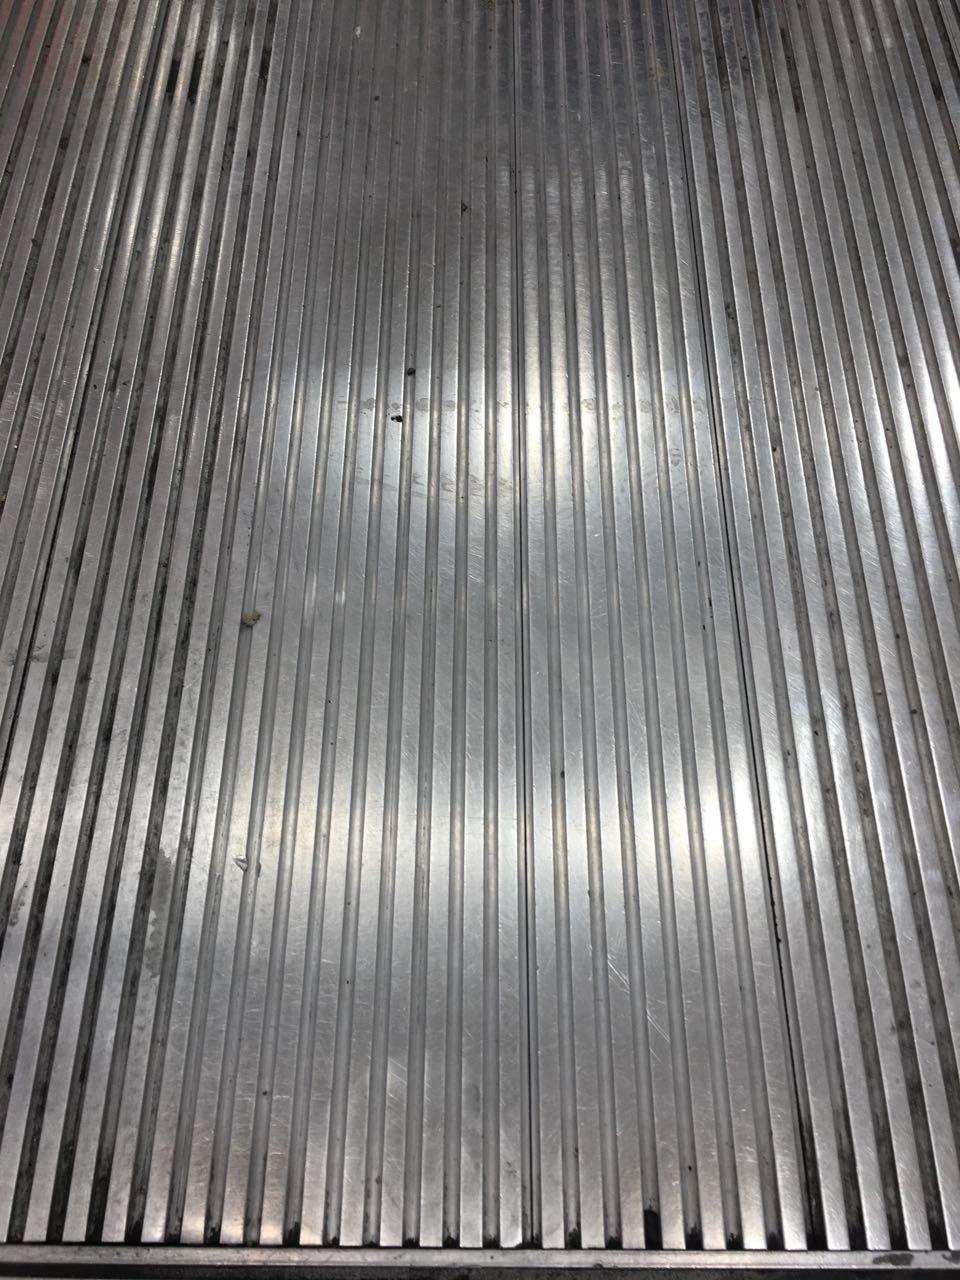 Mozgójárda előtti fém padlózat tisztítása Rotowash mozgólépcső tisztító géppel